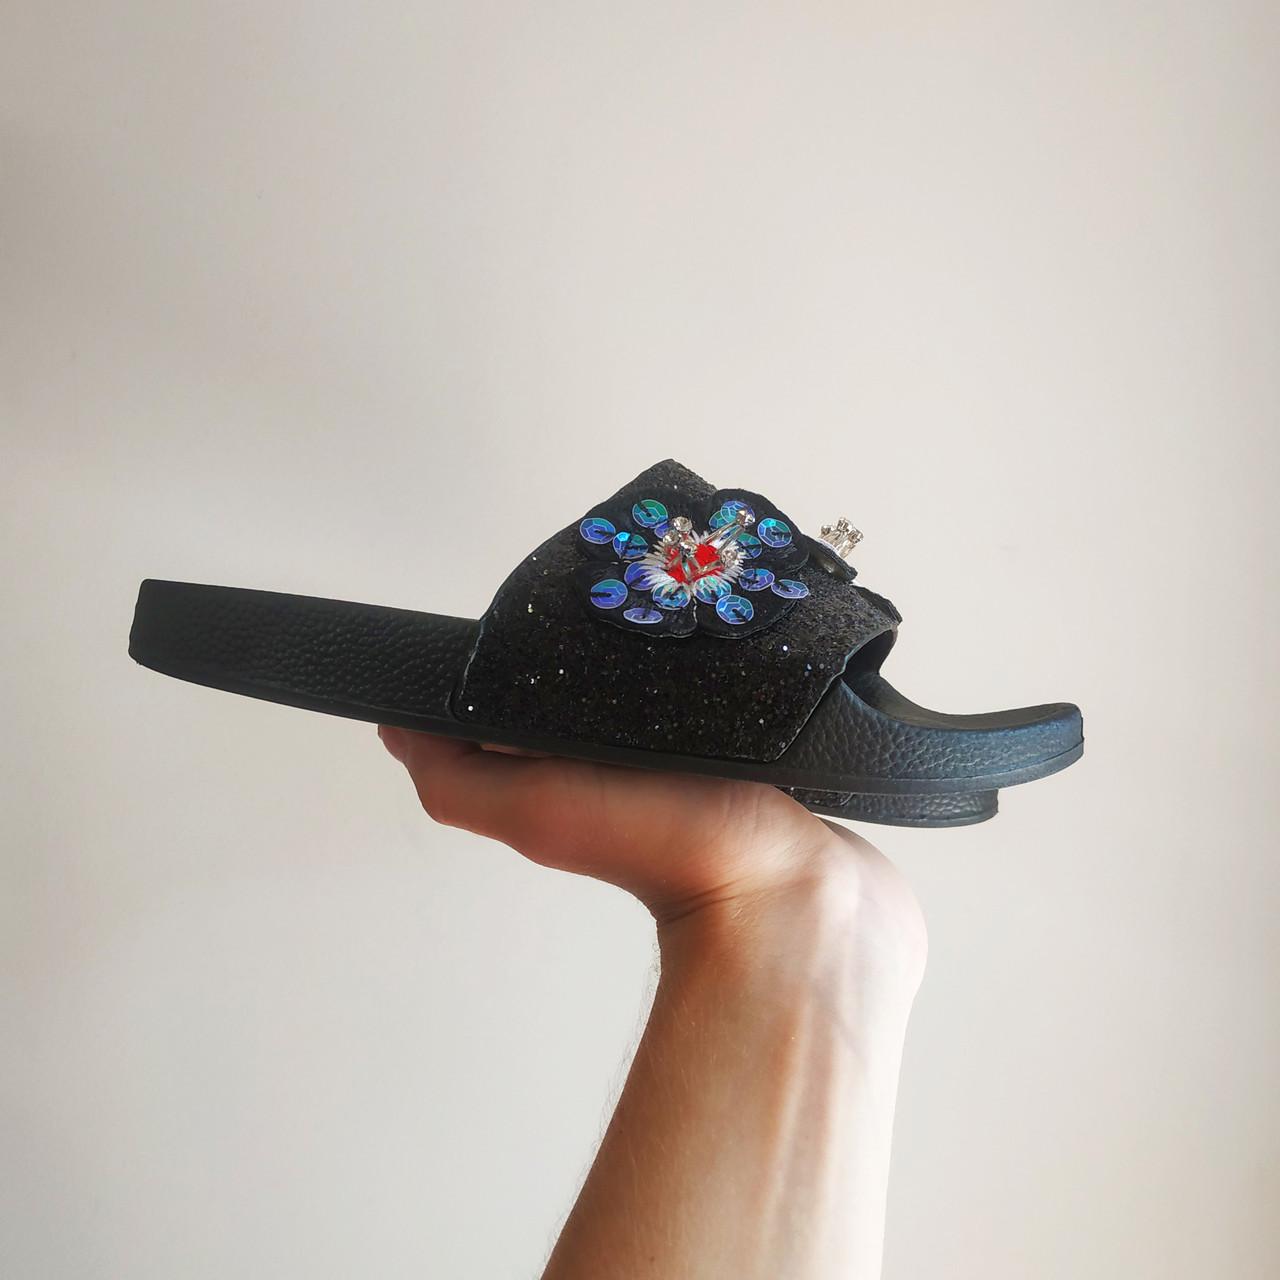 Черные Тапки стразы шлепки бисер блестящие шлепанцы со стразами с камнями с цветами размеры 37, 38